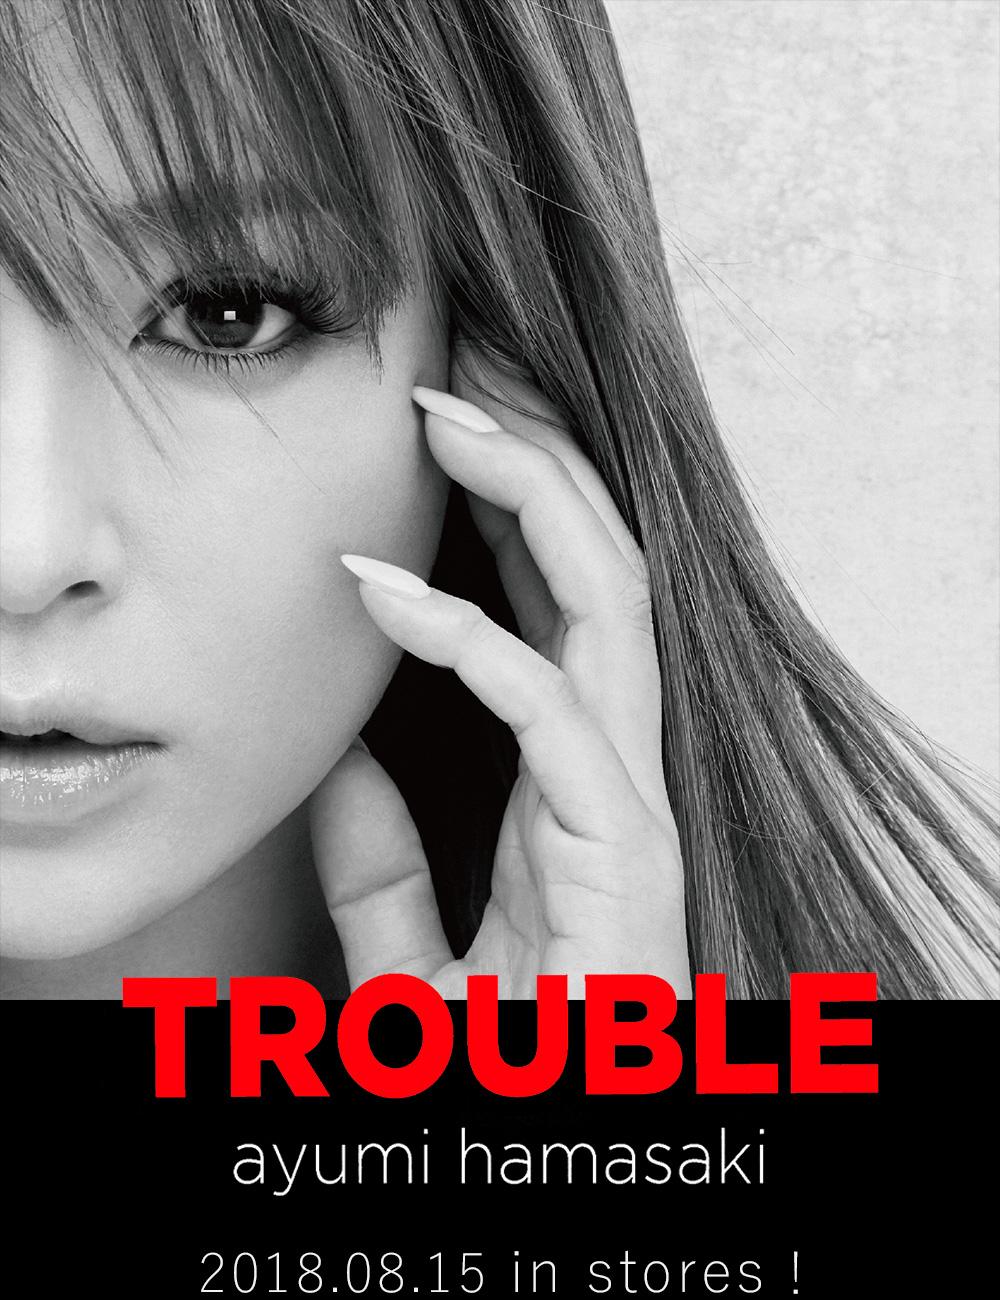 浜崎あゆみ Trouble 2018 08 15 In Stores